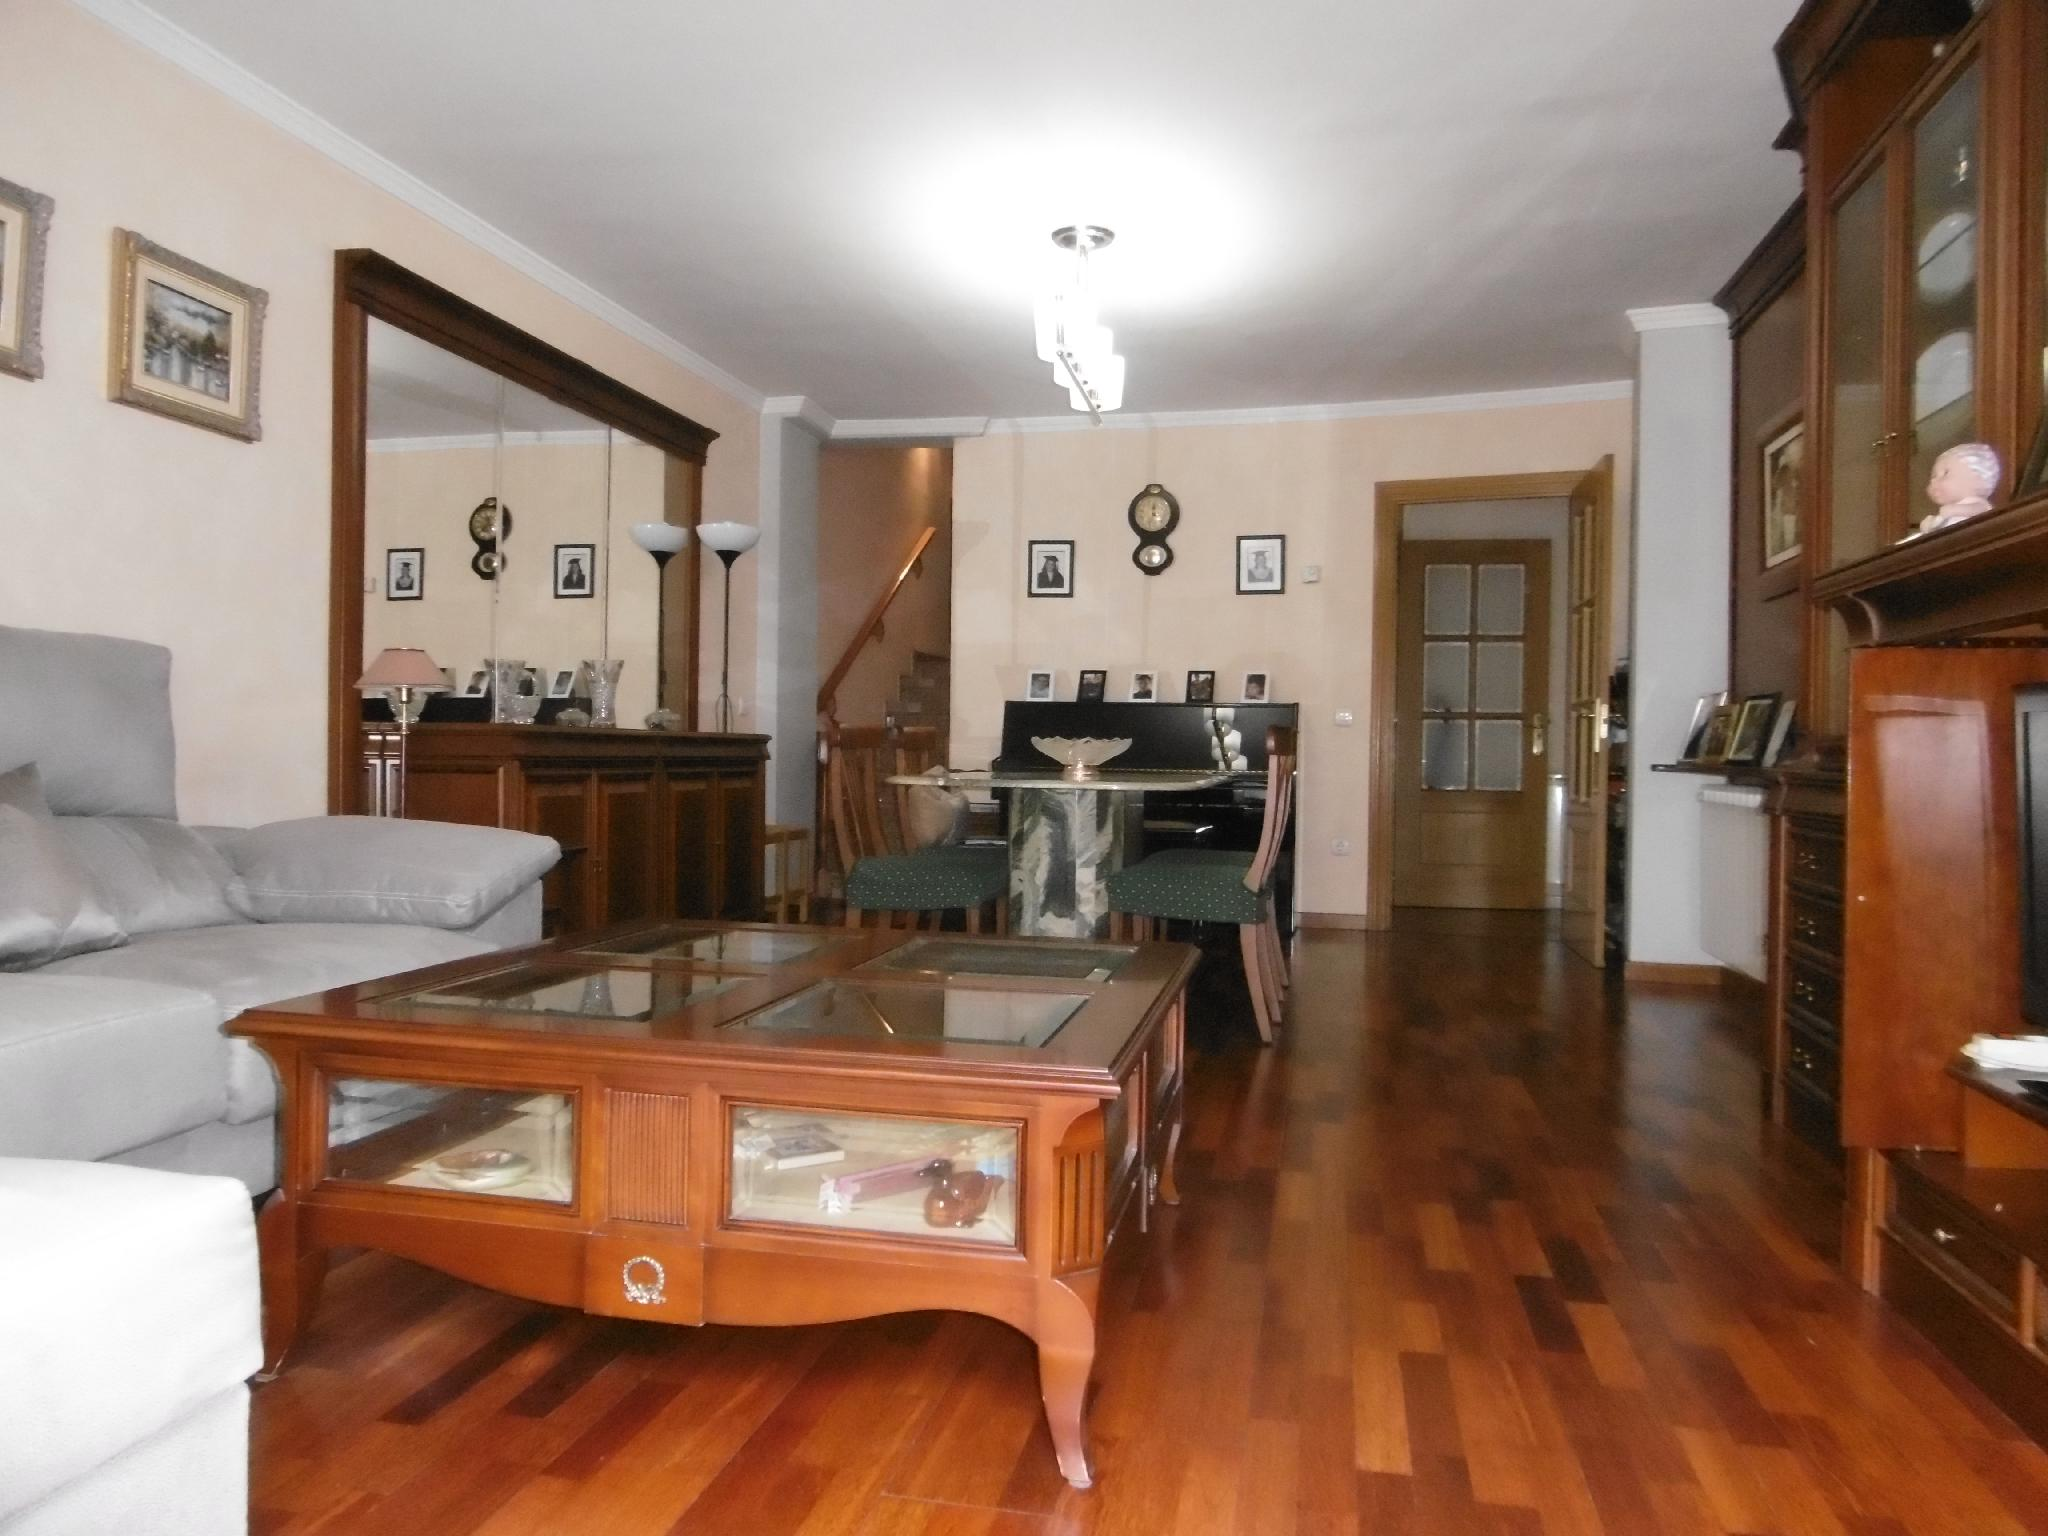 214920 - Próximo a Hacienda, El Pla (S. Feliu)